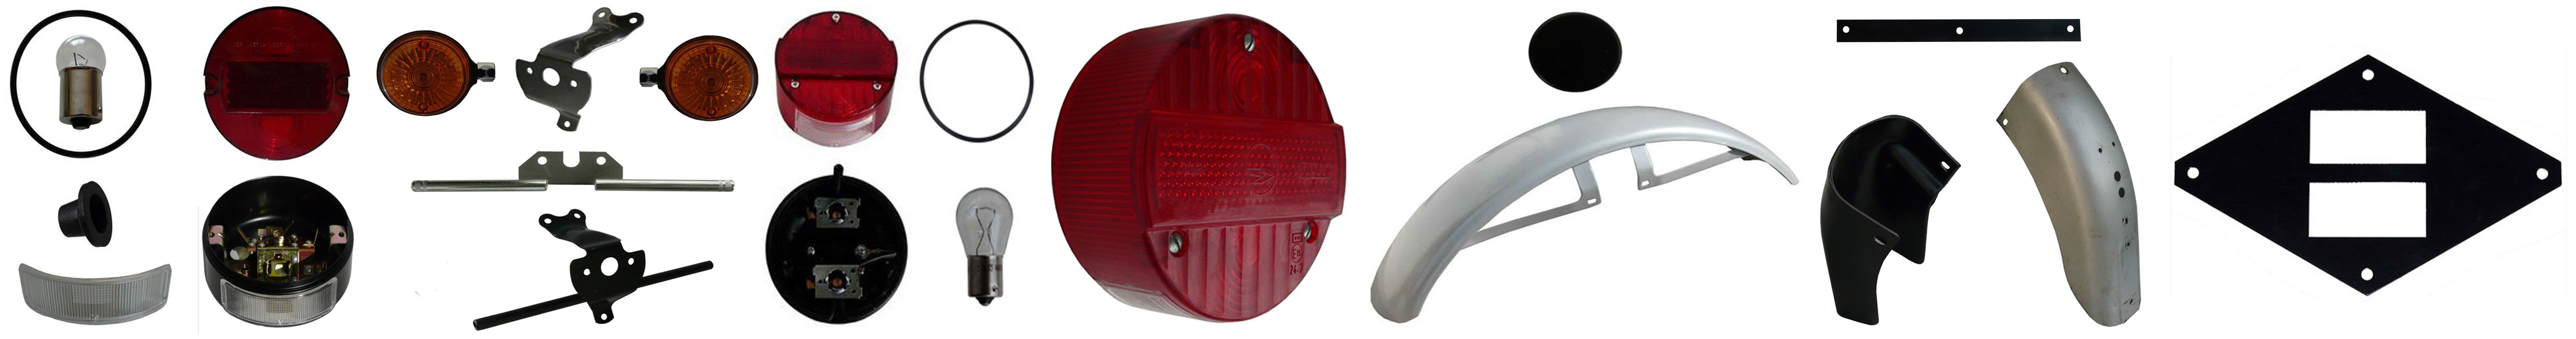 MZ TS 125 MZ TS 150 Ersatzteile Schutzbleche Blinker Rücklicht